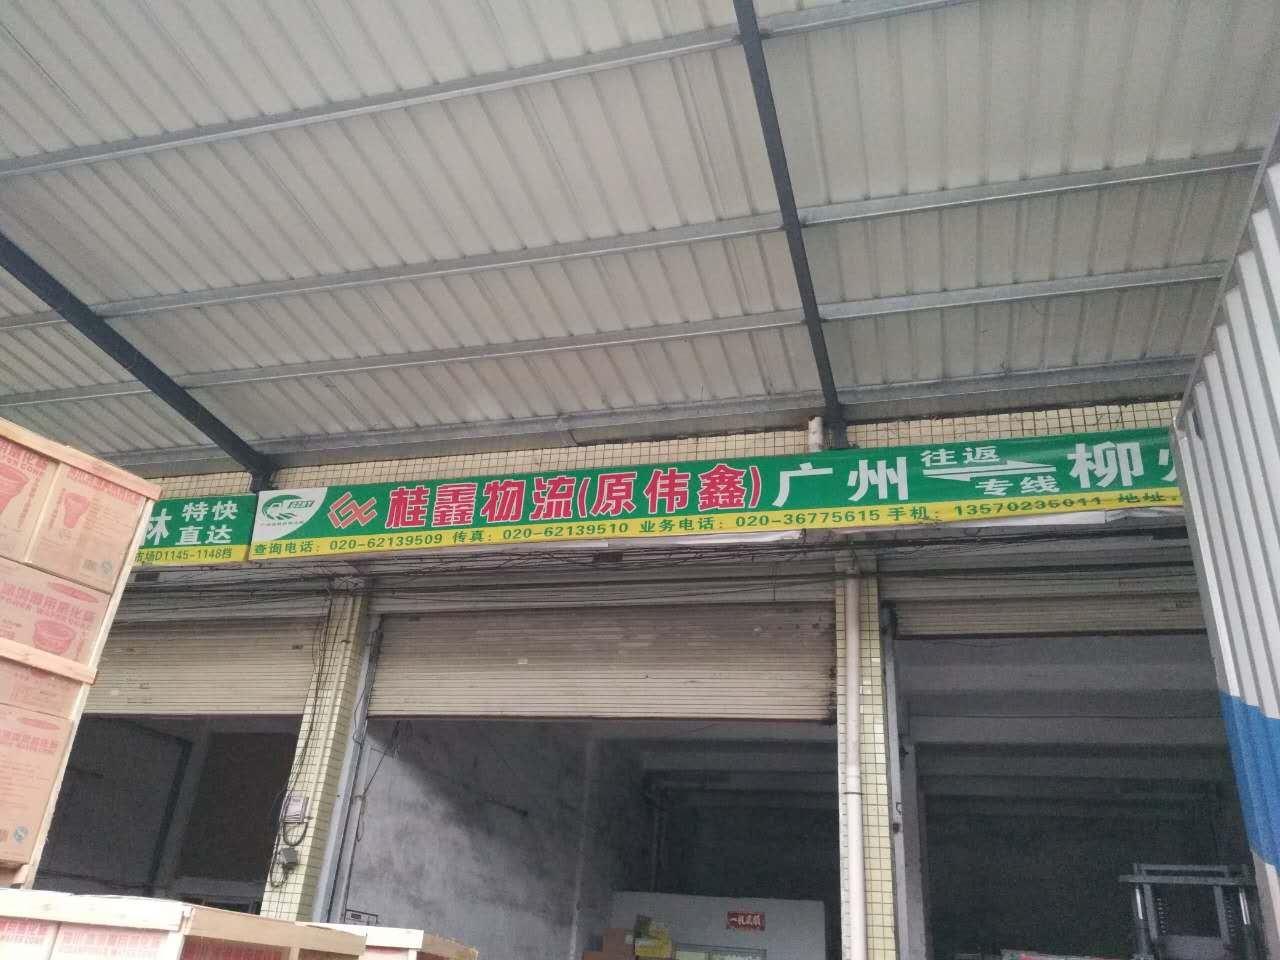 广州到太原物流专线(广州市桂鑫物流有限公司)